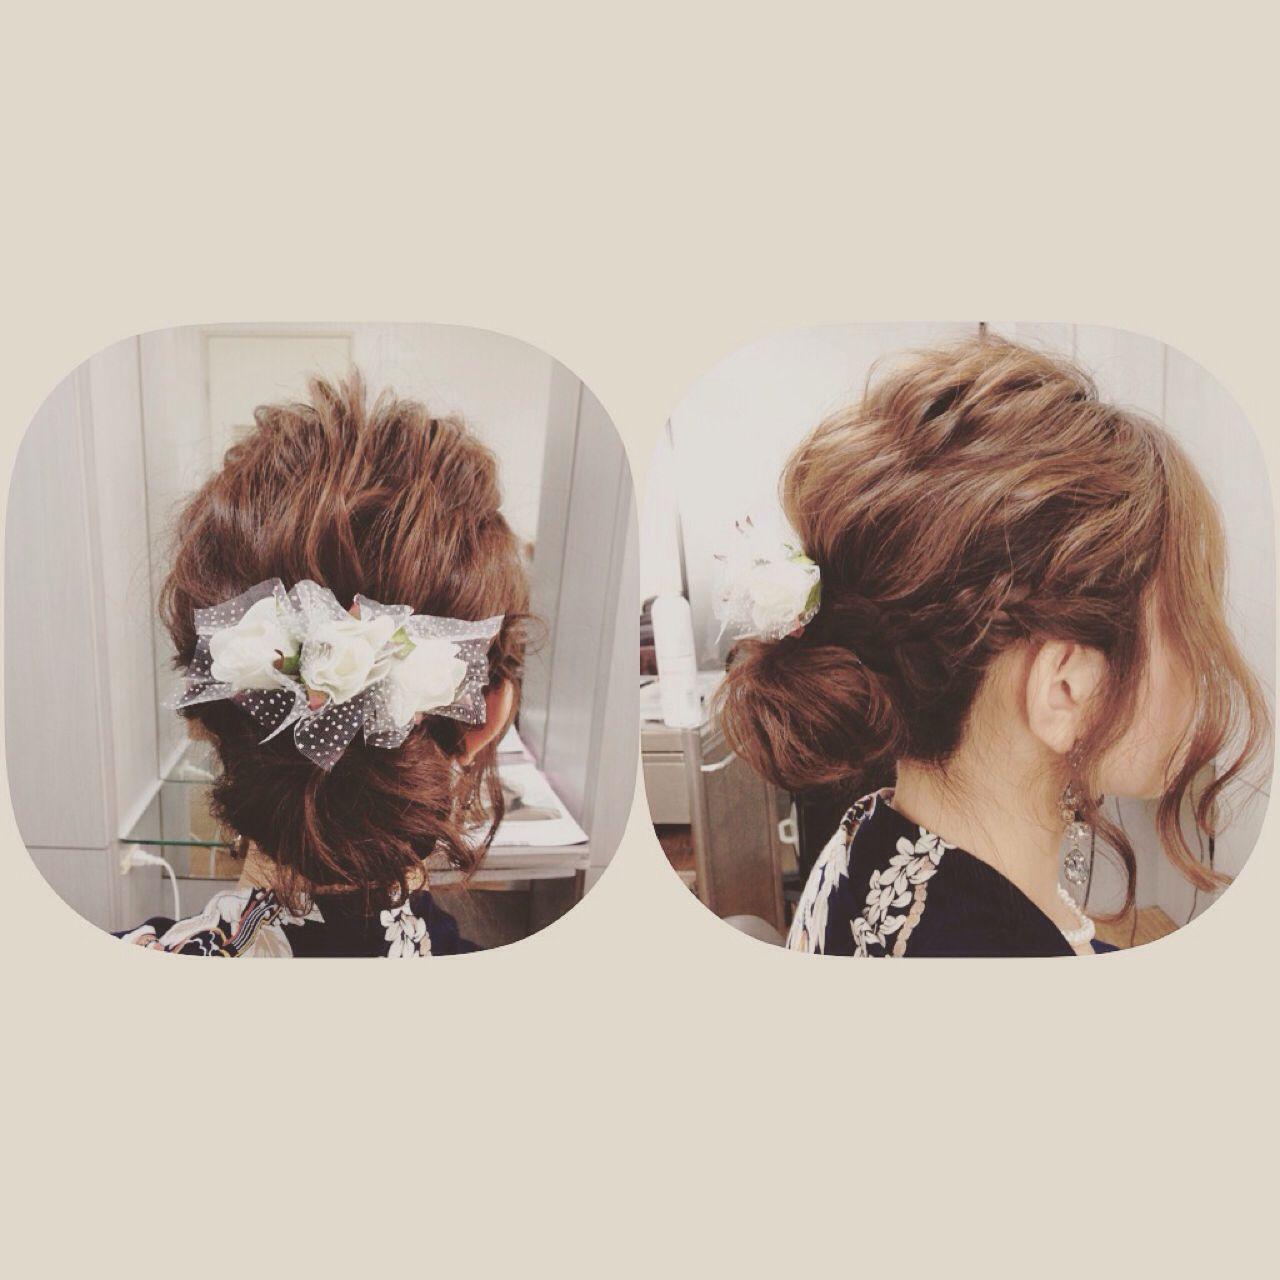 ヘアアレンジ 大人女子 波ウェーブ ゆるふわ ヘアスタイルや髪型の写真・画像